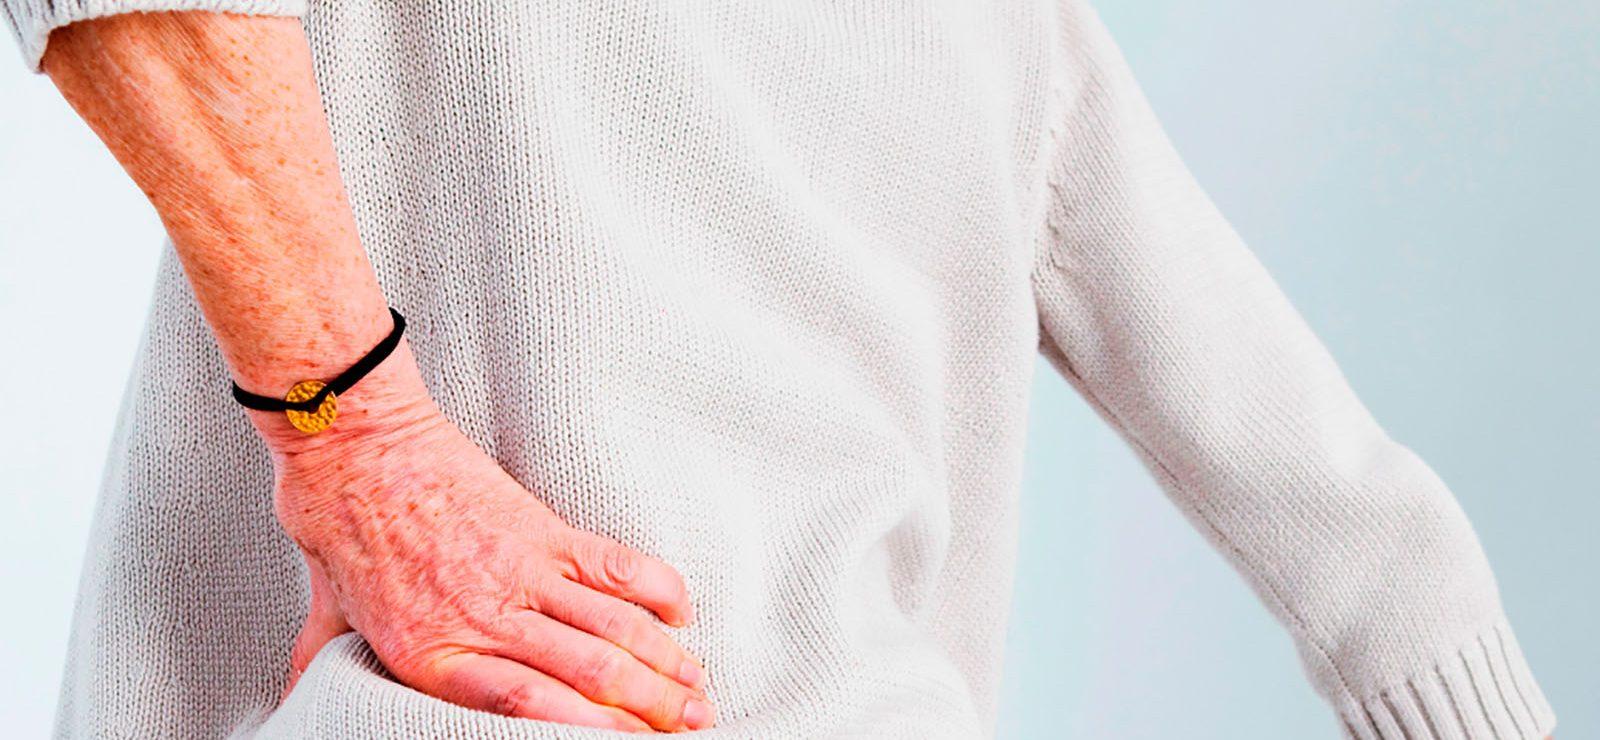 Objetivo: mantener la postura natural de tu espalda para evitar dolor